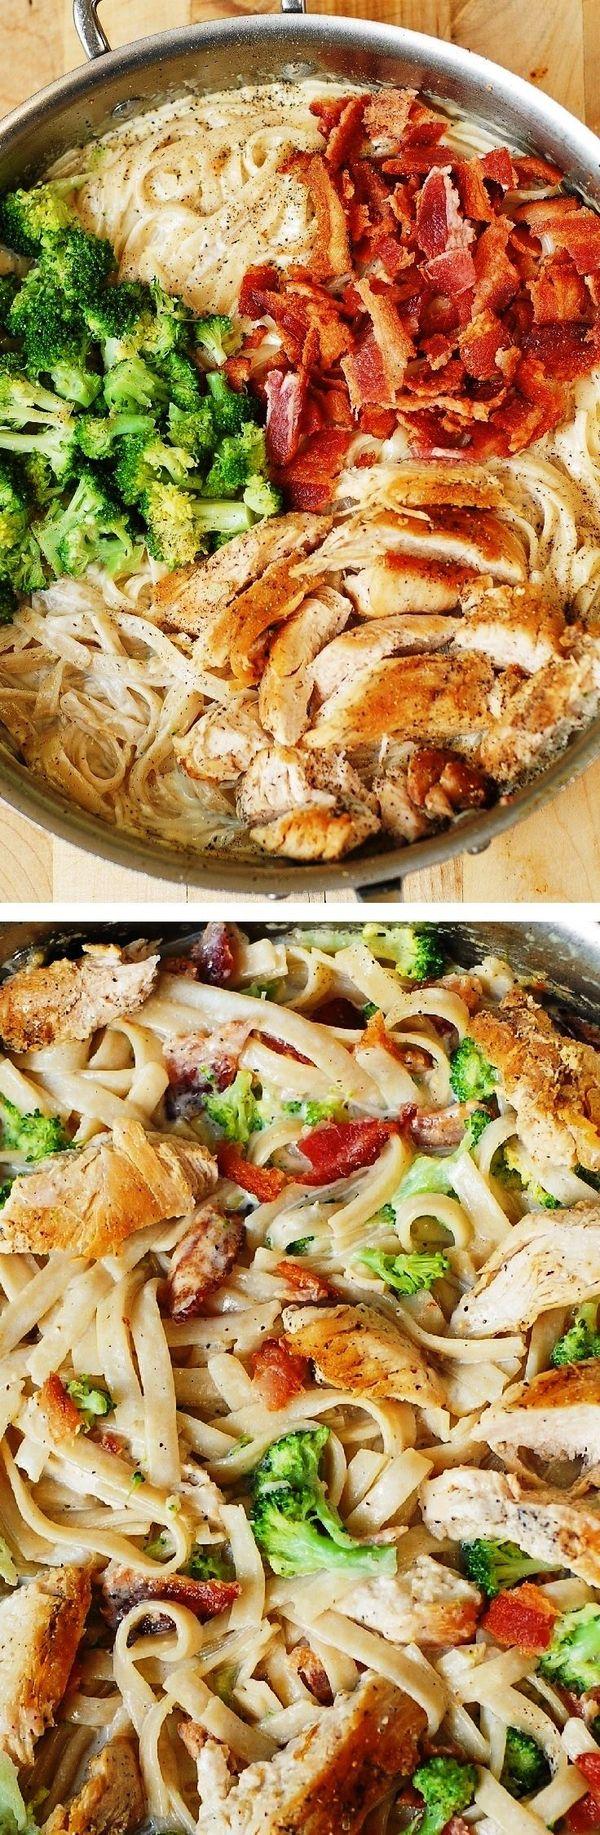 Creamy Broccoli, Chicken Breast, and Bacon Fettuccine Pasta in homemade Alfredo Sauce #chicken #alfredo #pasta